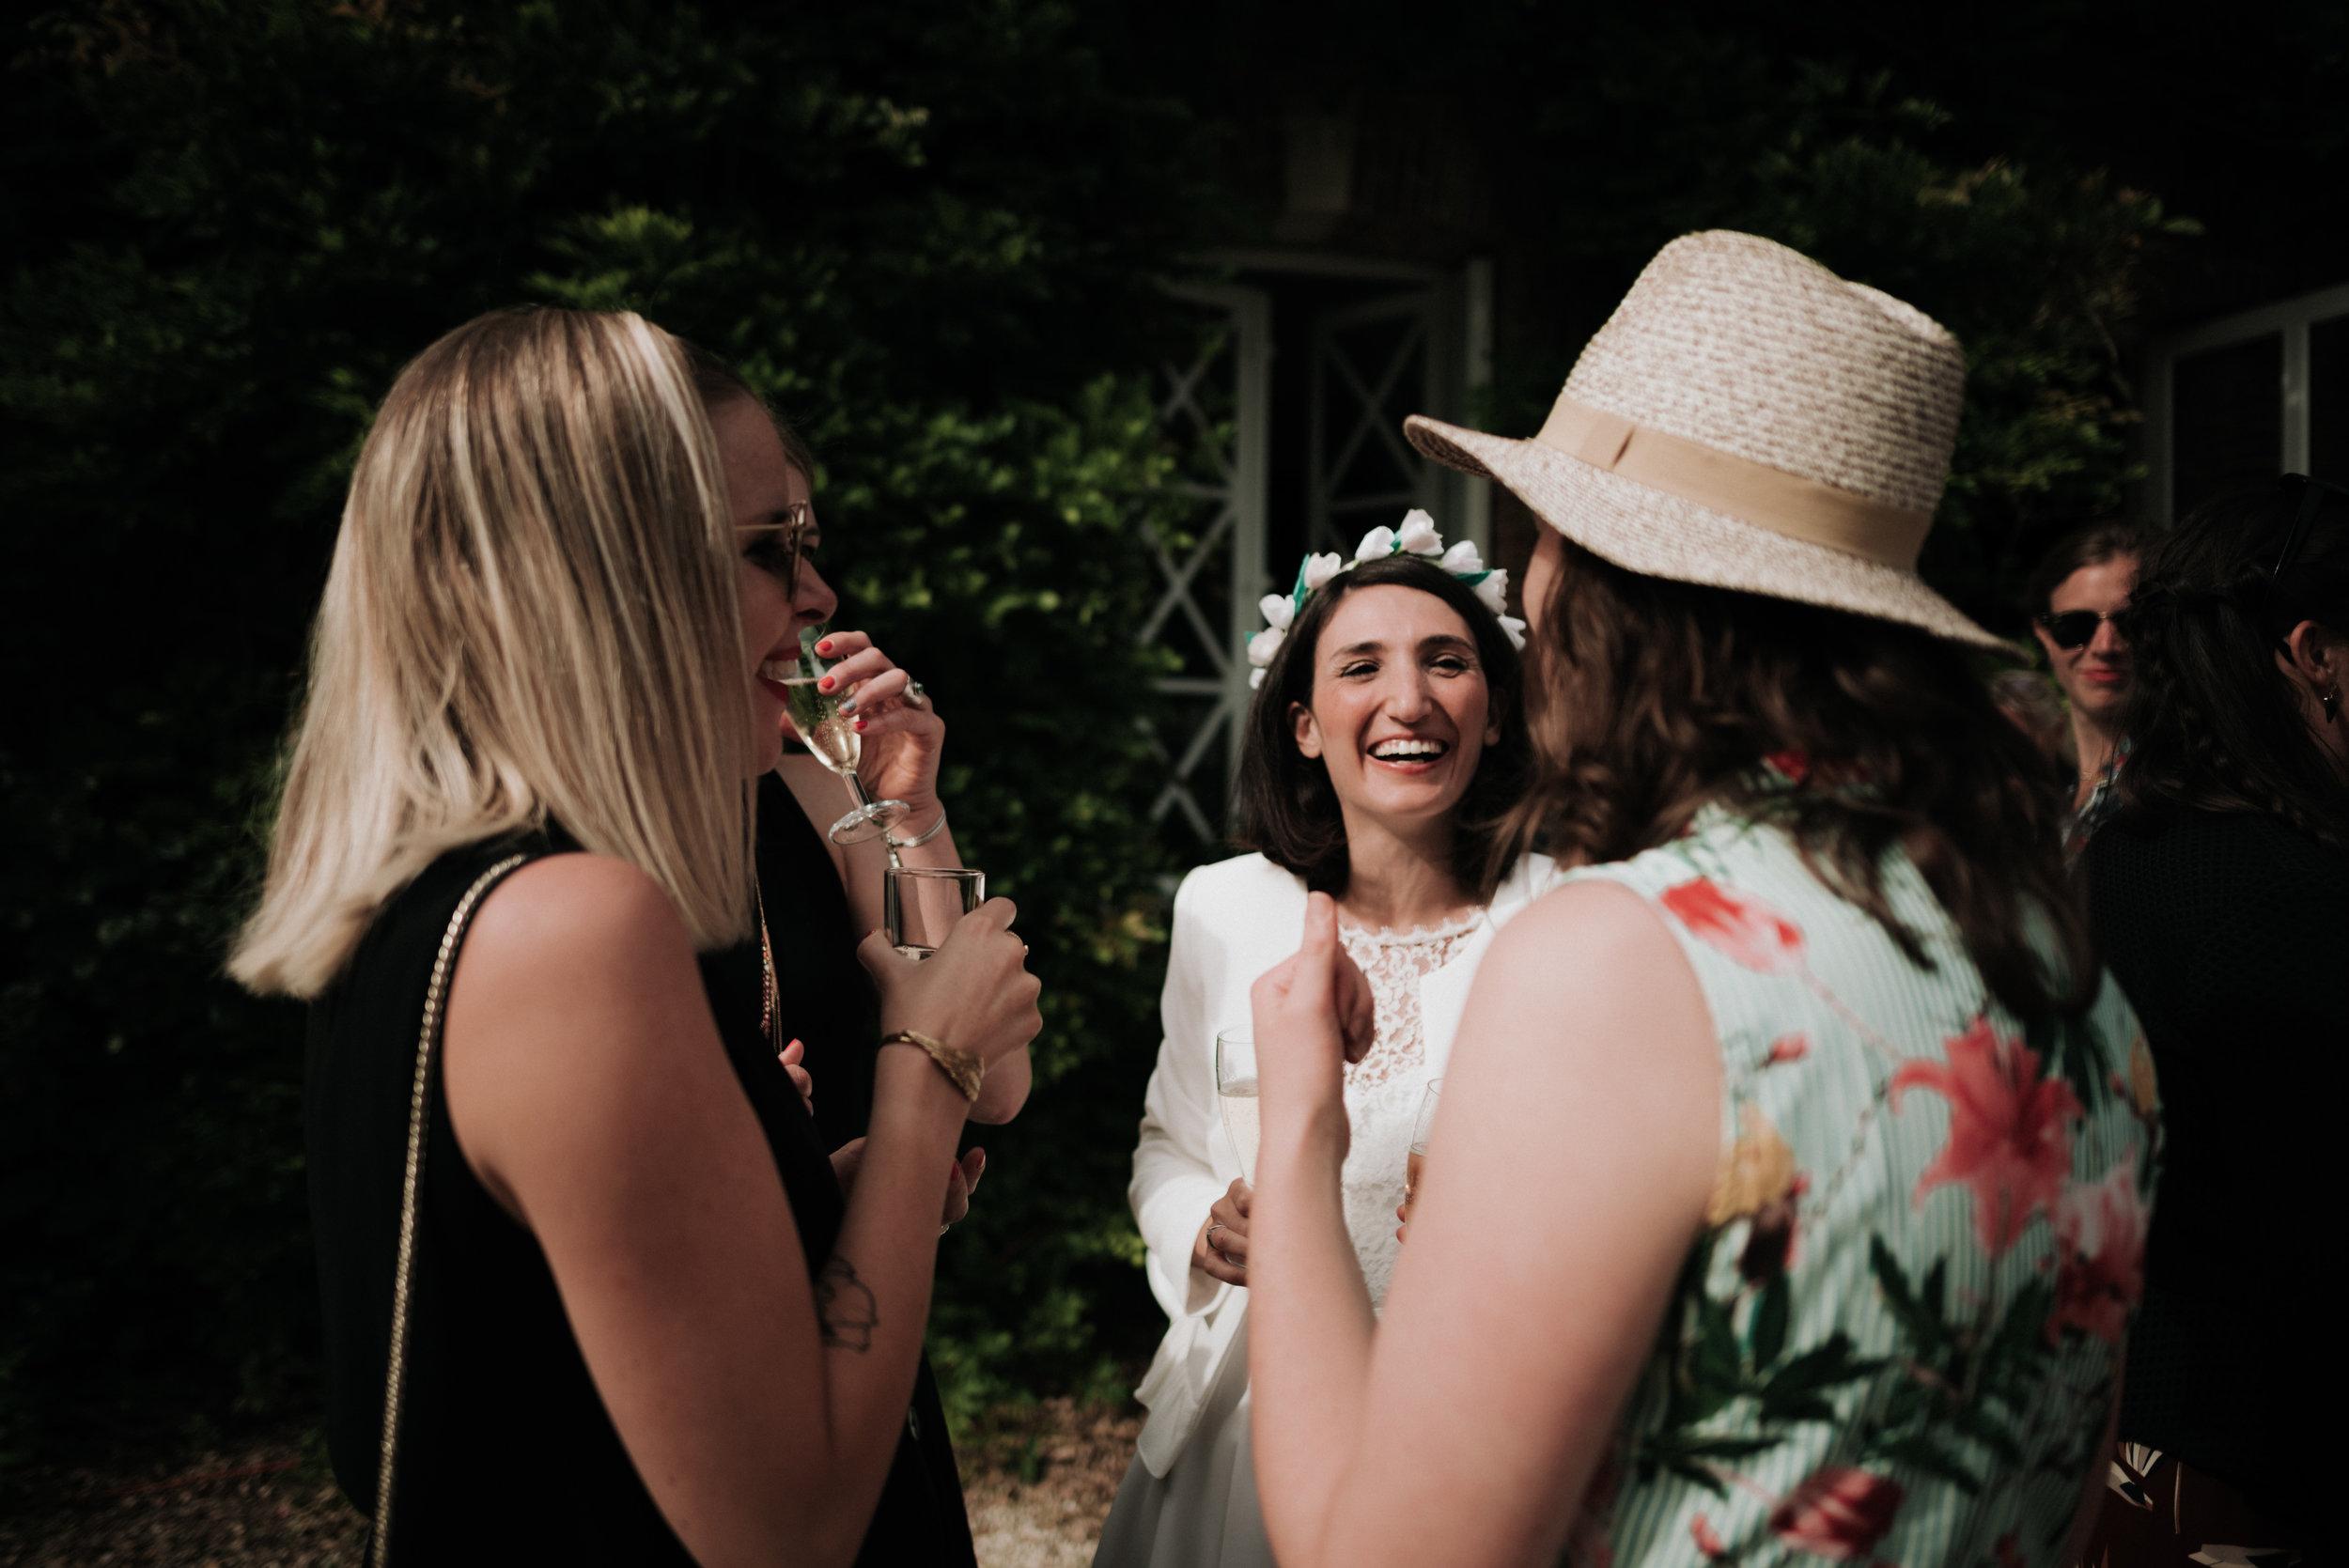 Léa-Fery-photographe-professionnel-lyon-rhone-alpes-portrait-creation-mariage-evenement-evenementiel-famille-2-190.jpg